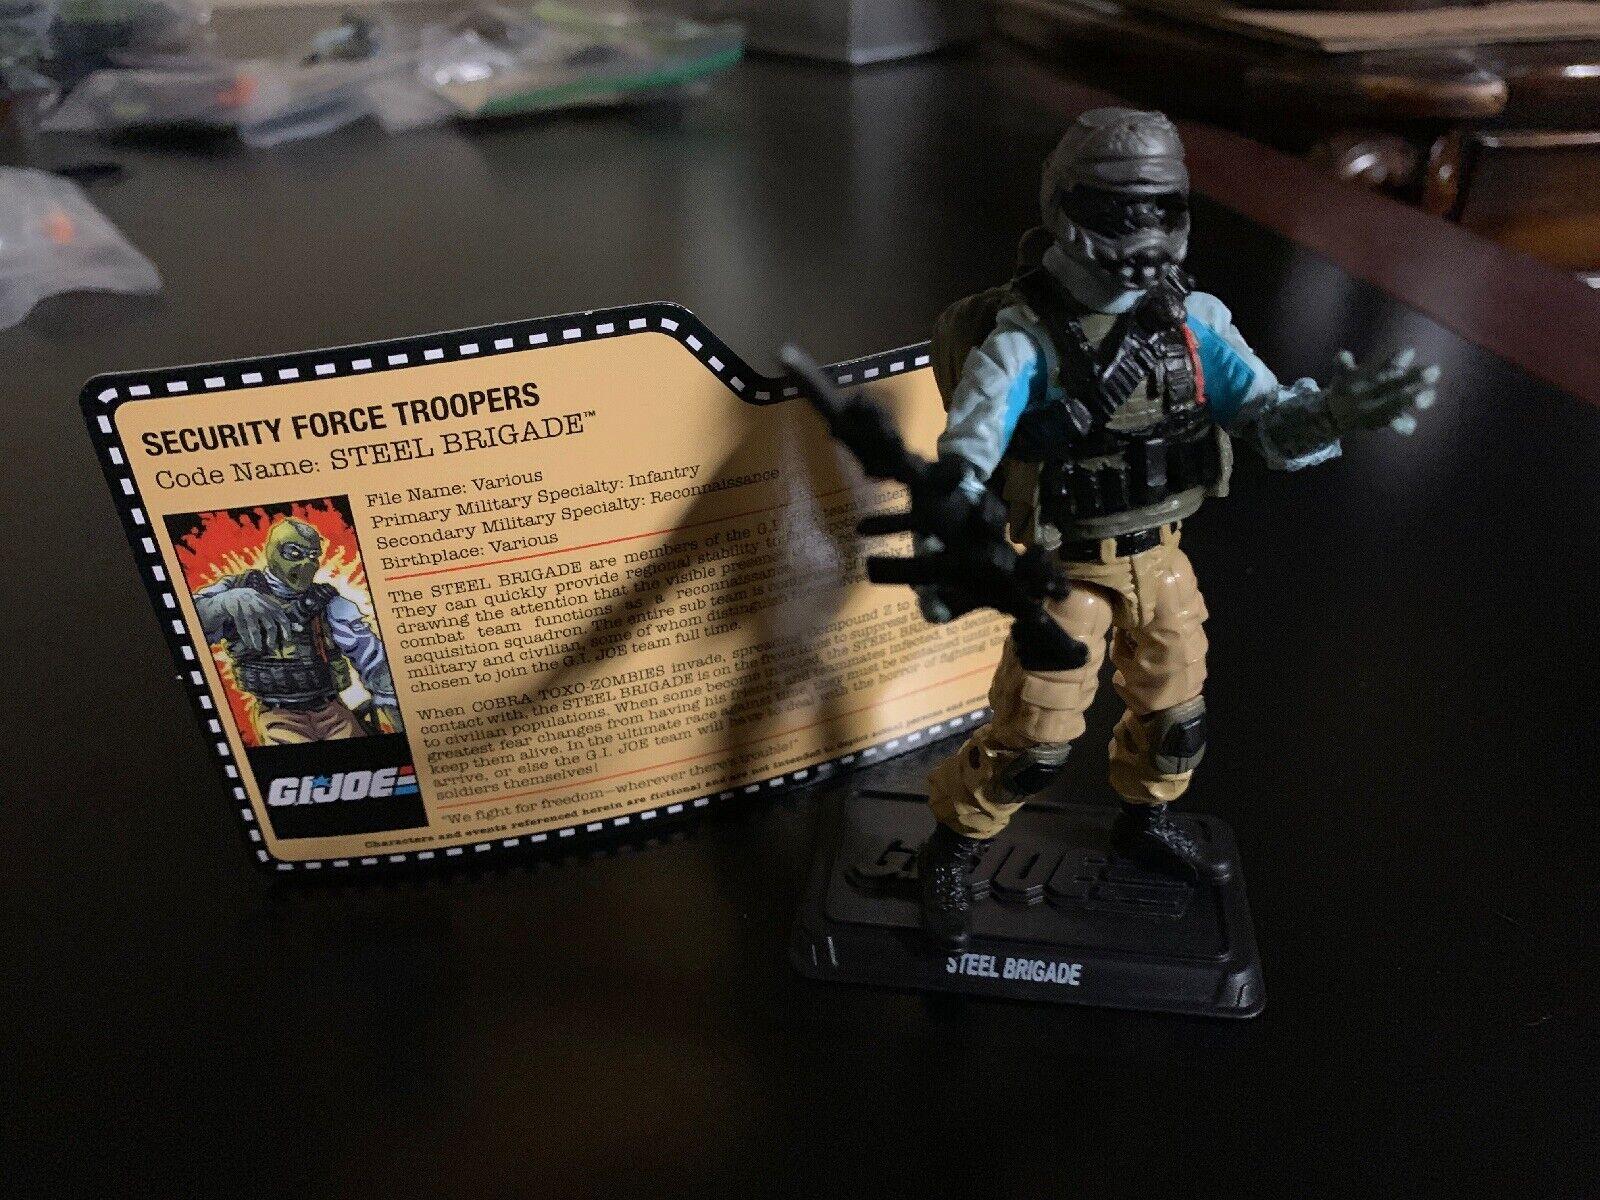 Convención De Club De Coleccionistas De Gi Joe 2014 soldado Brigada De Acero iniciativa Zombie